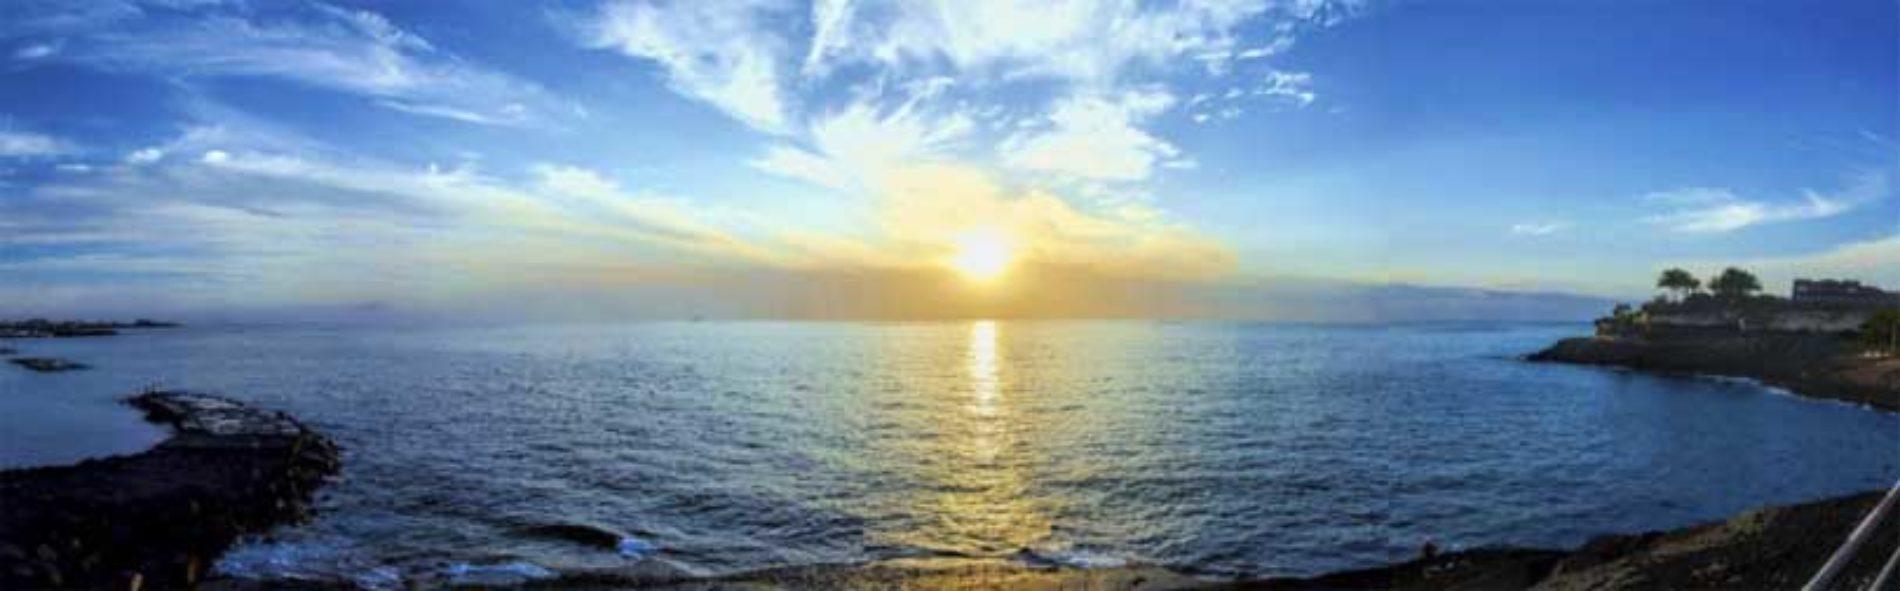 Værvarsel og langtidsvarsel Tenerife